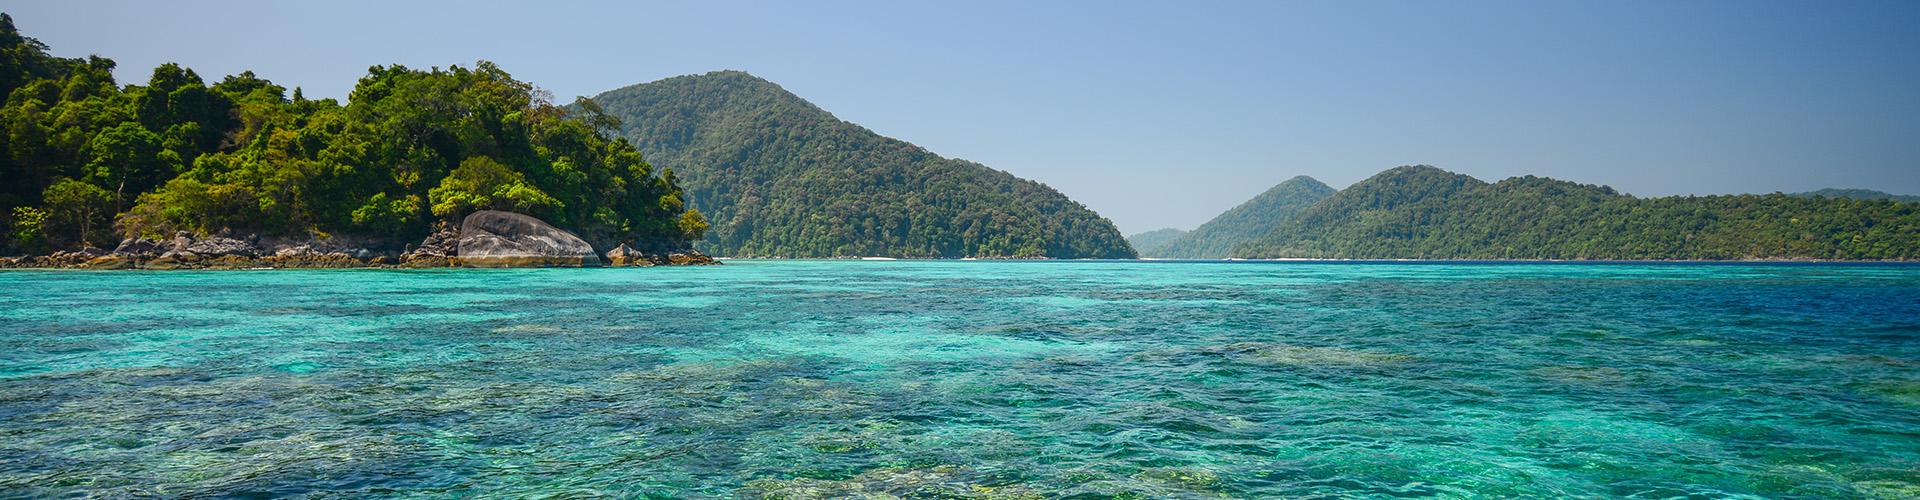 Cruising the Thai Islands from Phuket